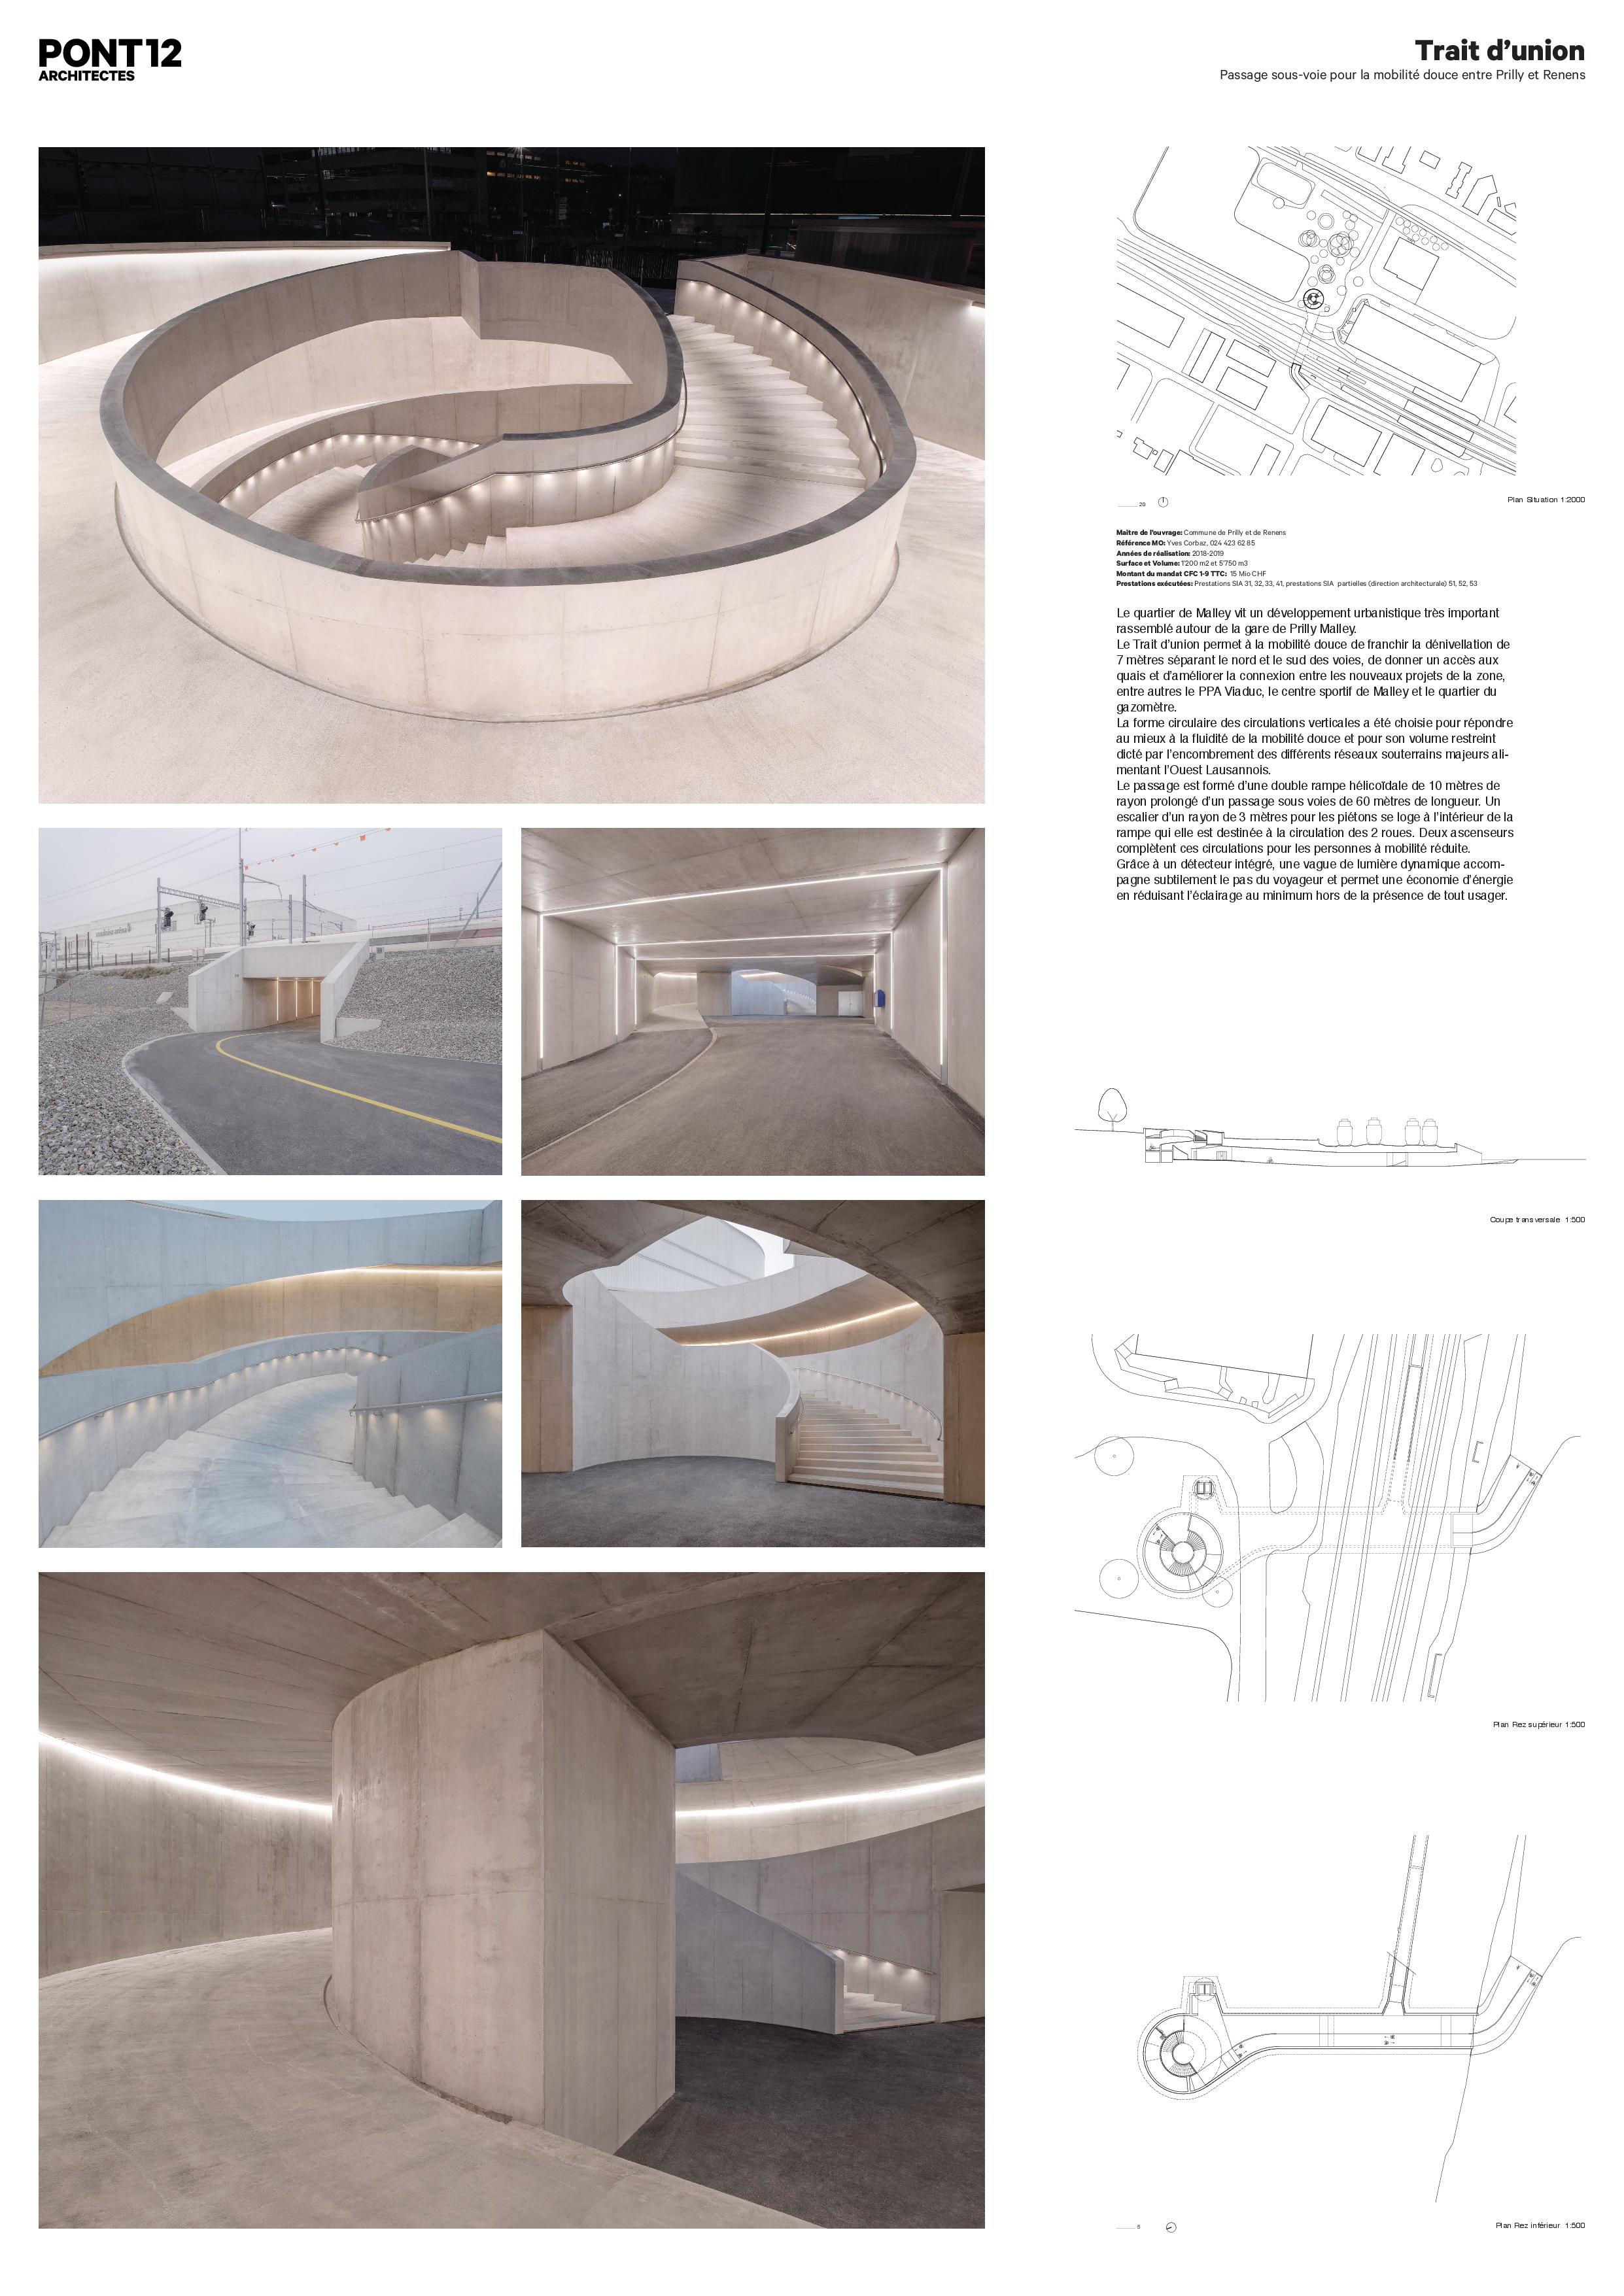 A0 Trait d'union - passage sous-voie pour la mobilité douce von PONT 12 Architectes SA